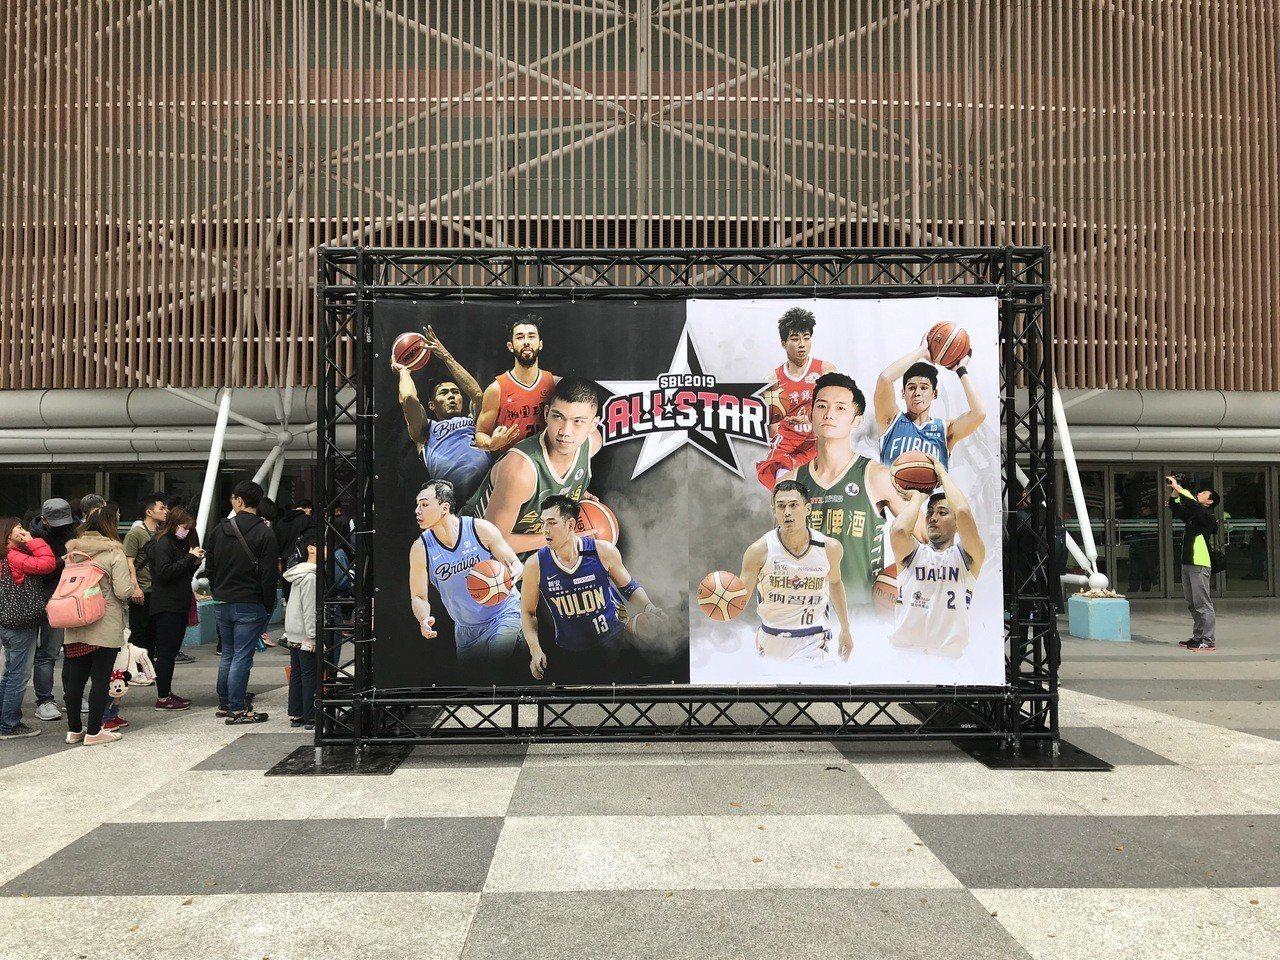 第16屆SBL明星賽今天在桃園巨蛋舉行。記者毛琬婷/攝影